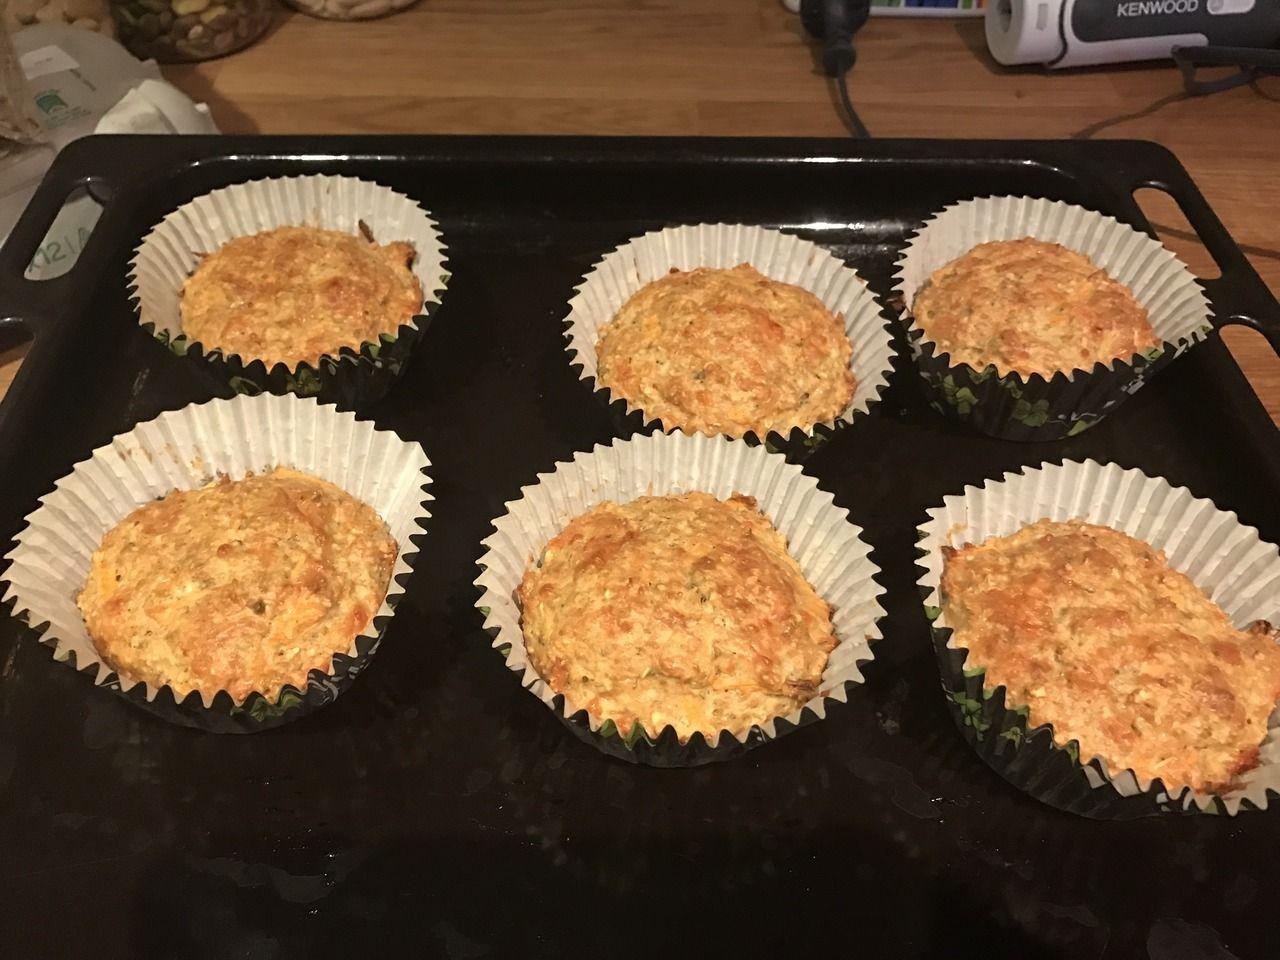 Onze lunch voor morgen: Hartige muffins met wortel.